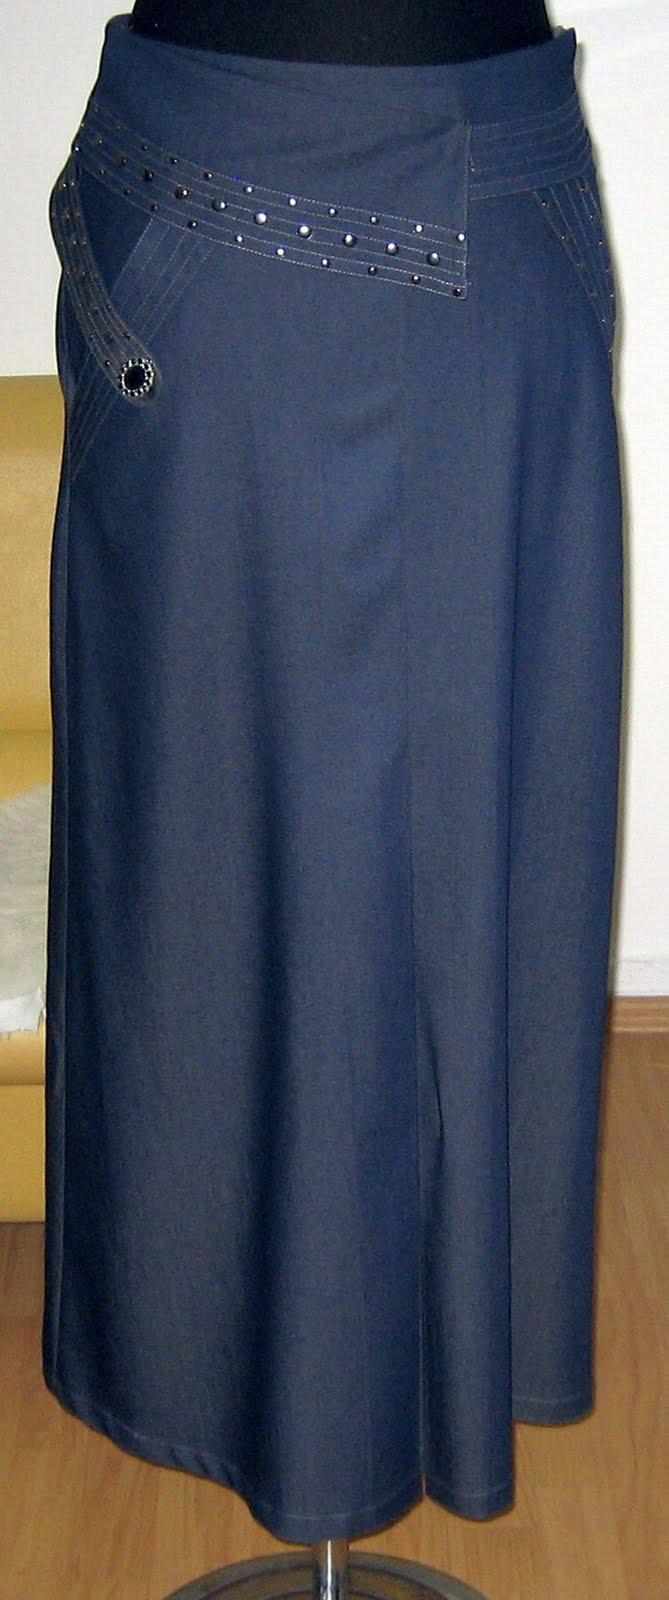 27d84b52c689b Toptan şık bayan etekler uygun fiyata 02122328912. Bayan giyim imalat,  ihracat ve tasarım